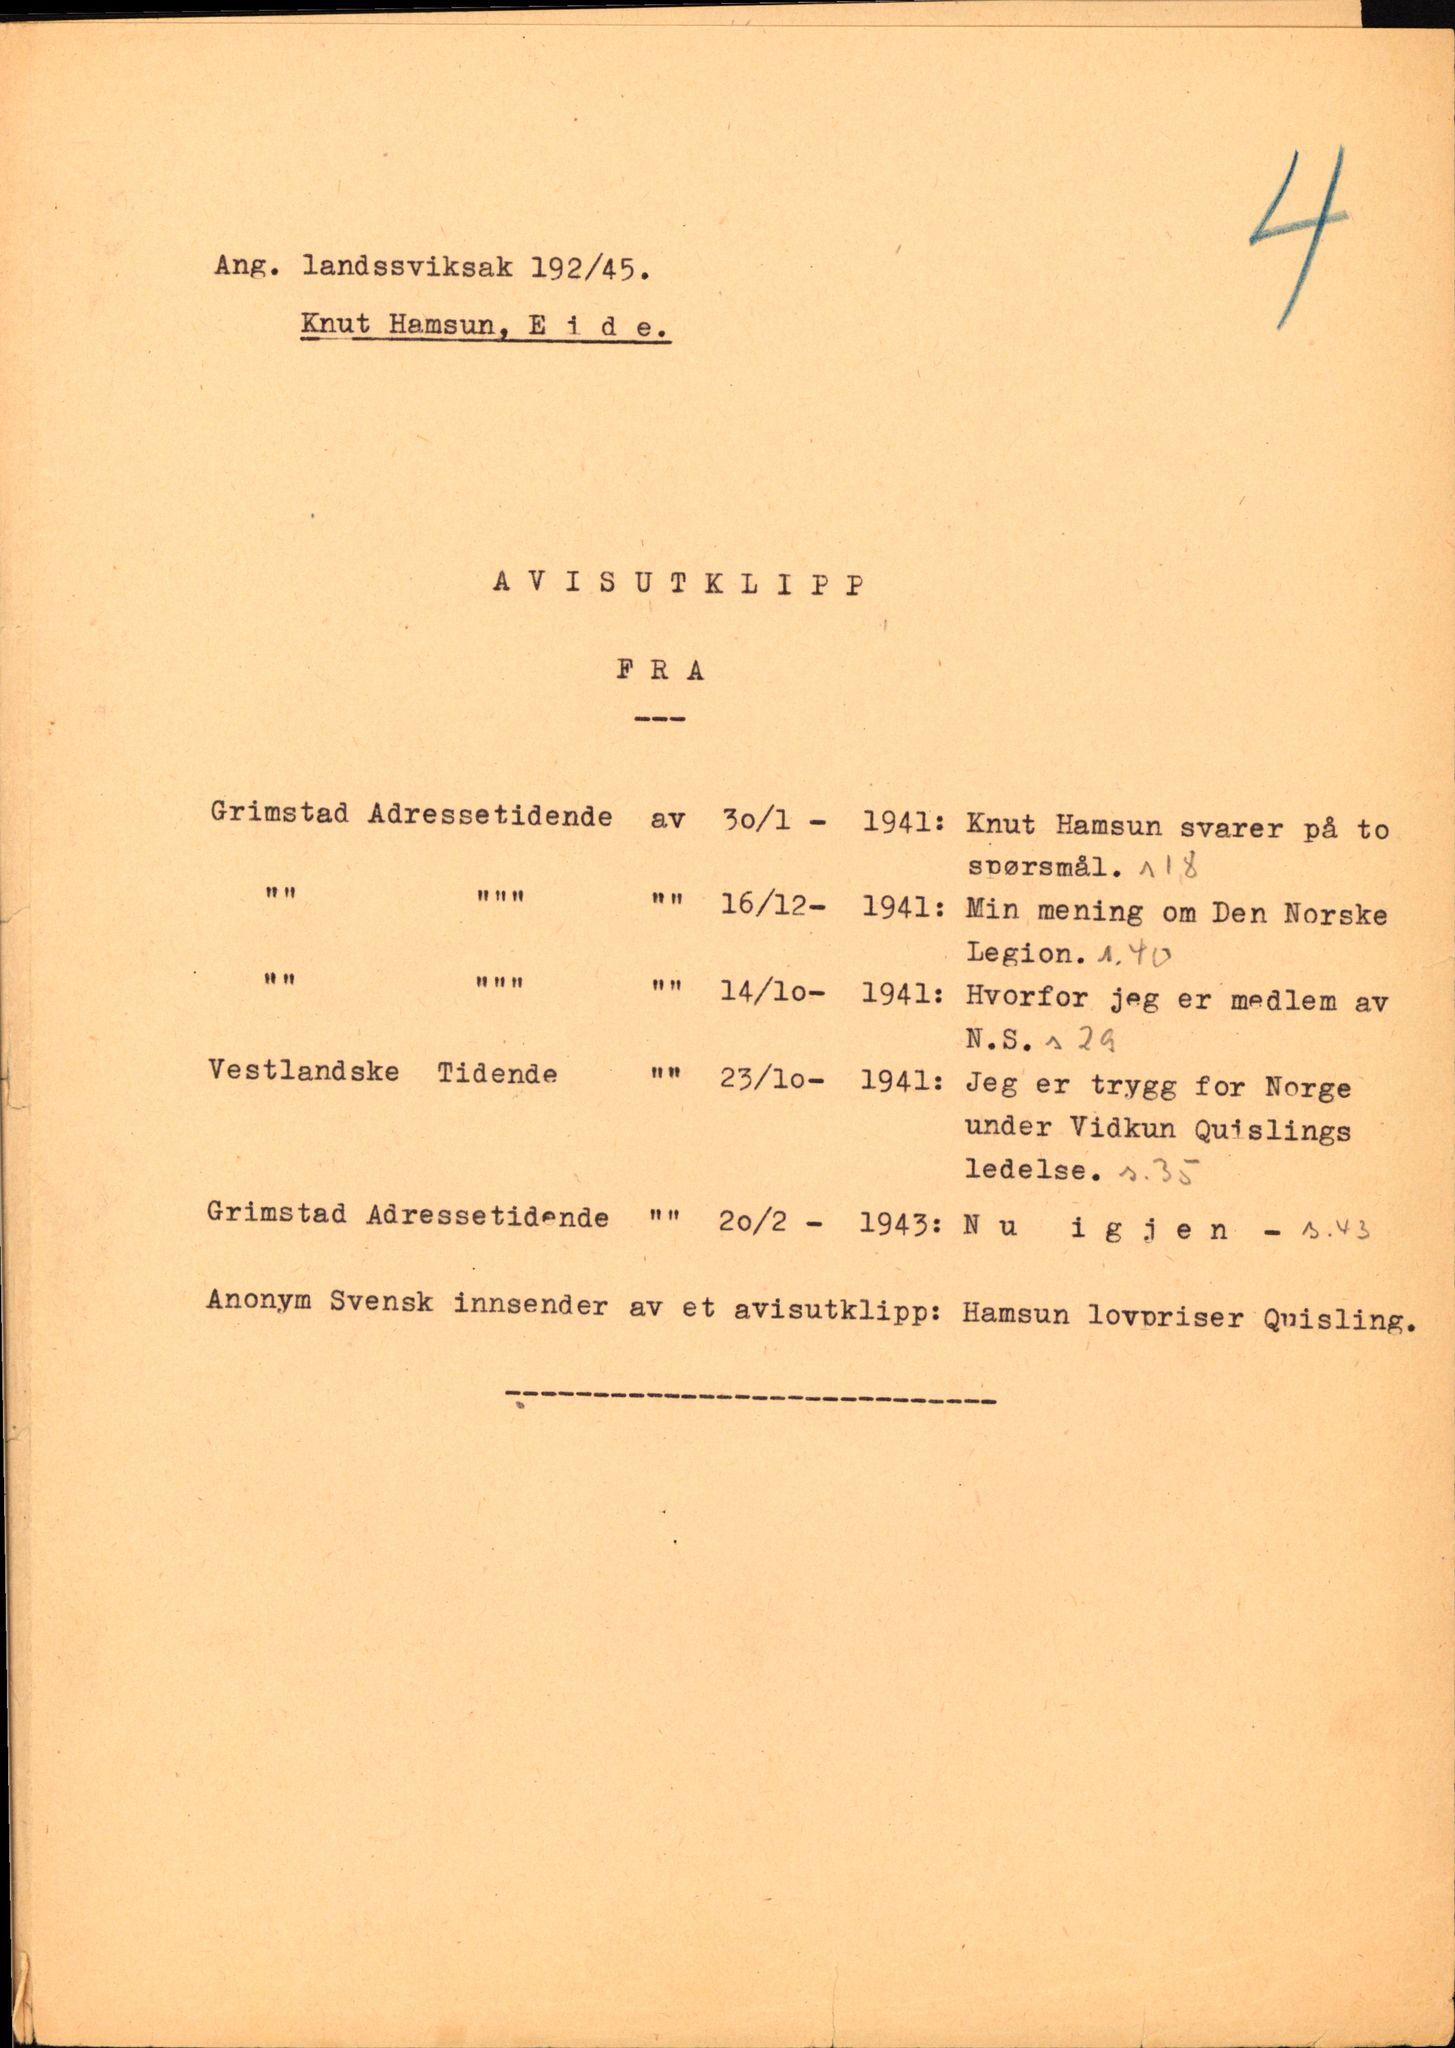 RA, Landssvikarkivet, Arendal politikammer, D/Dc/L0029: Anr. 192/45, 1945-1951, s. 44